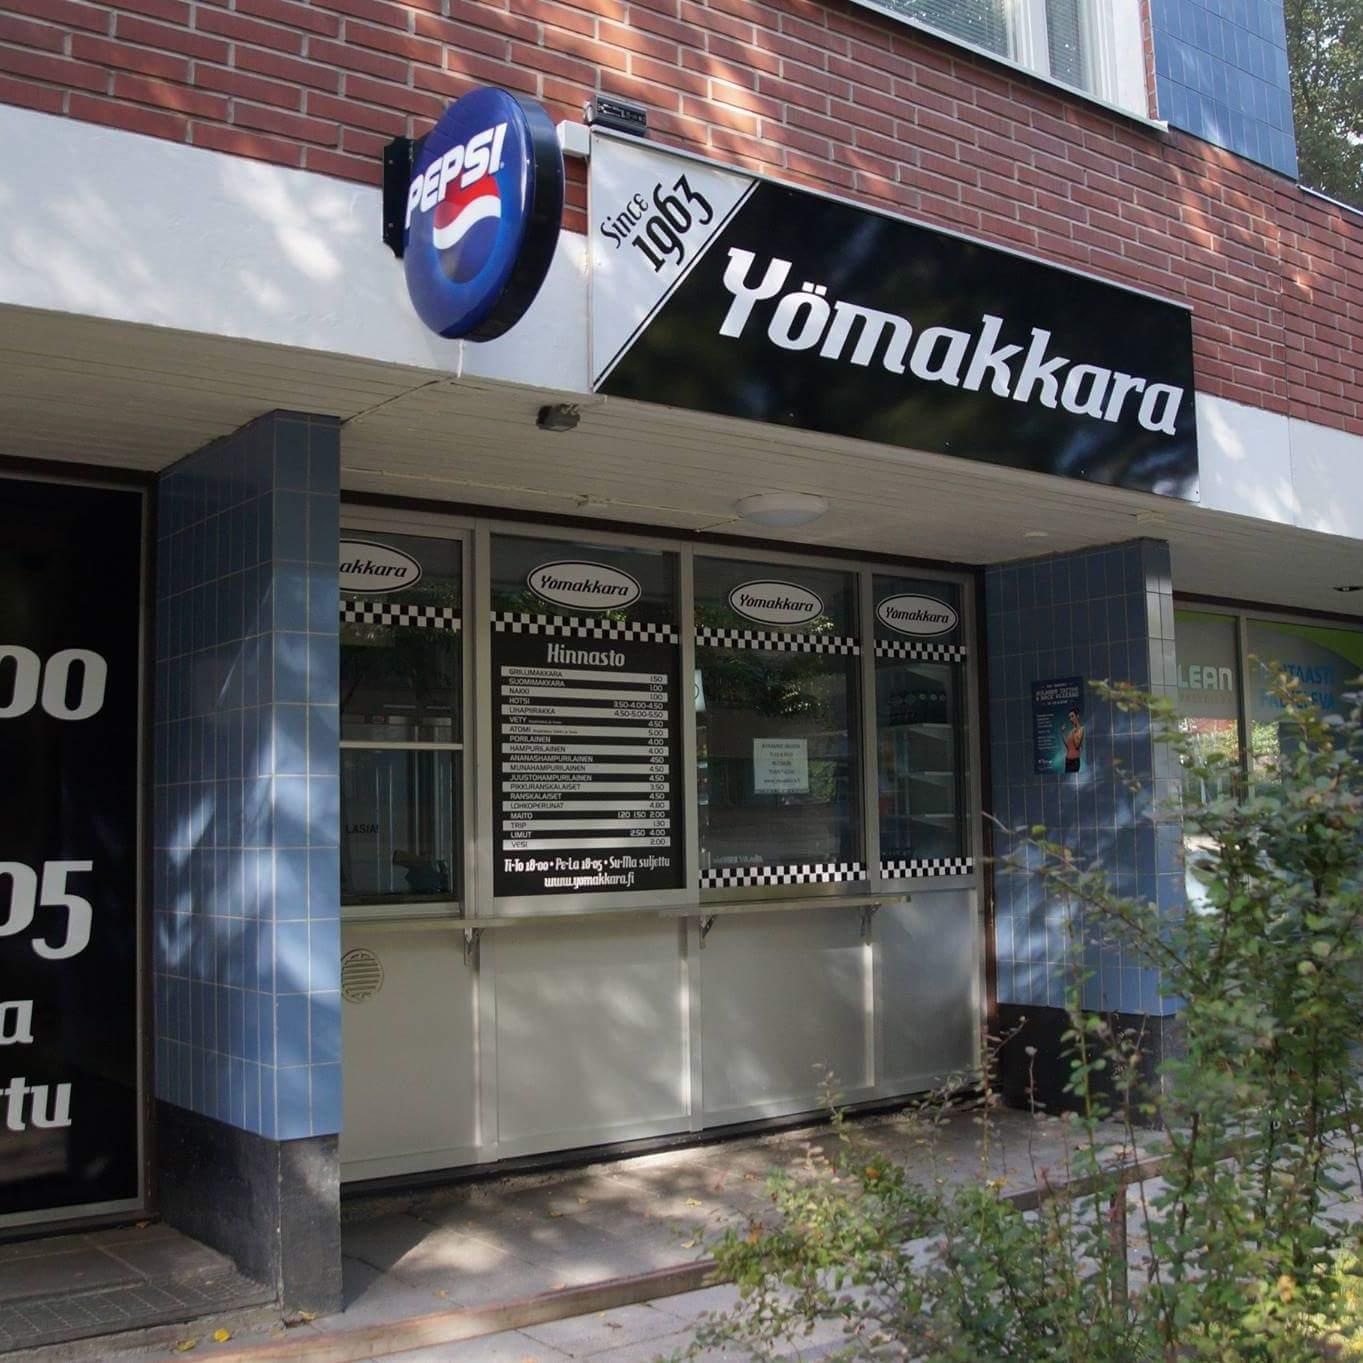 Yömakkara, Hämeenlinna